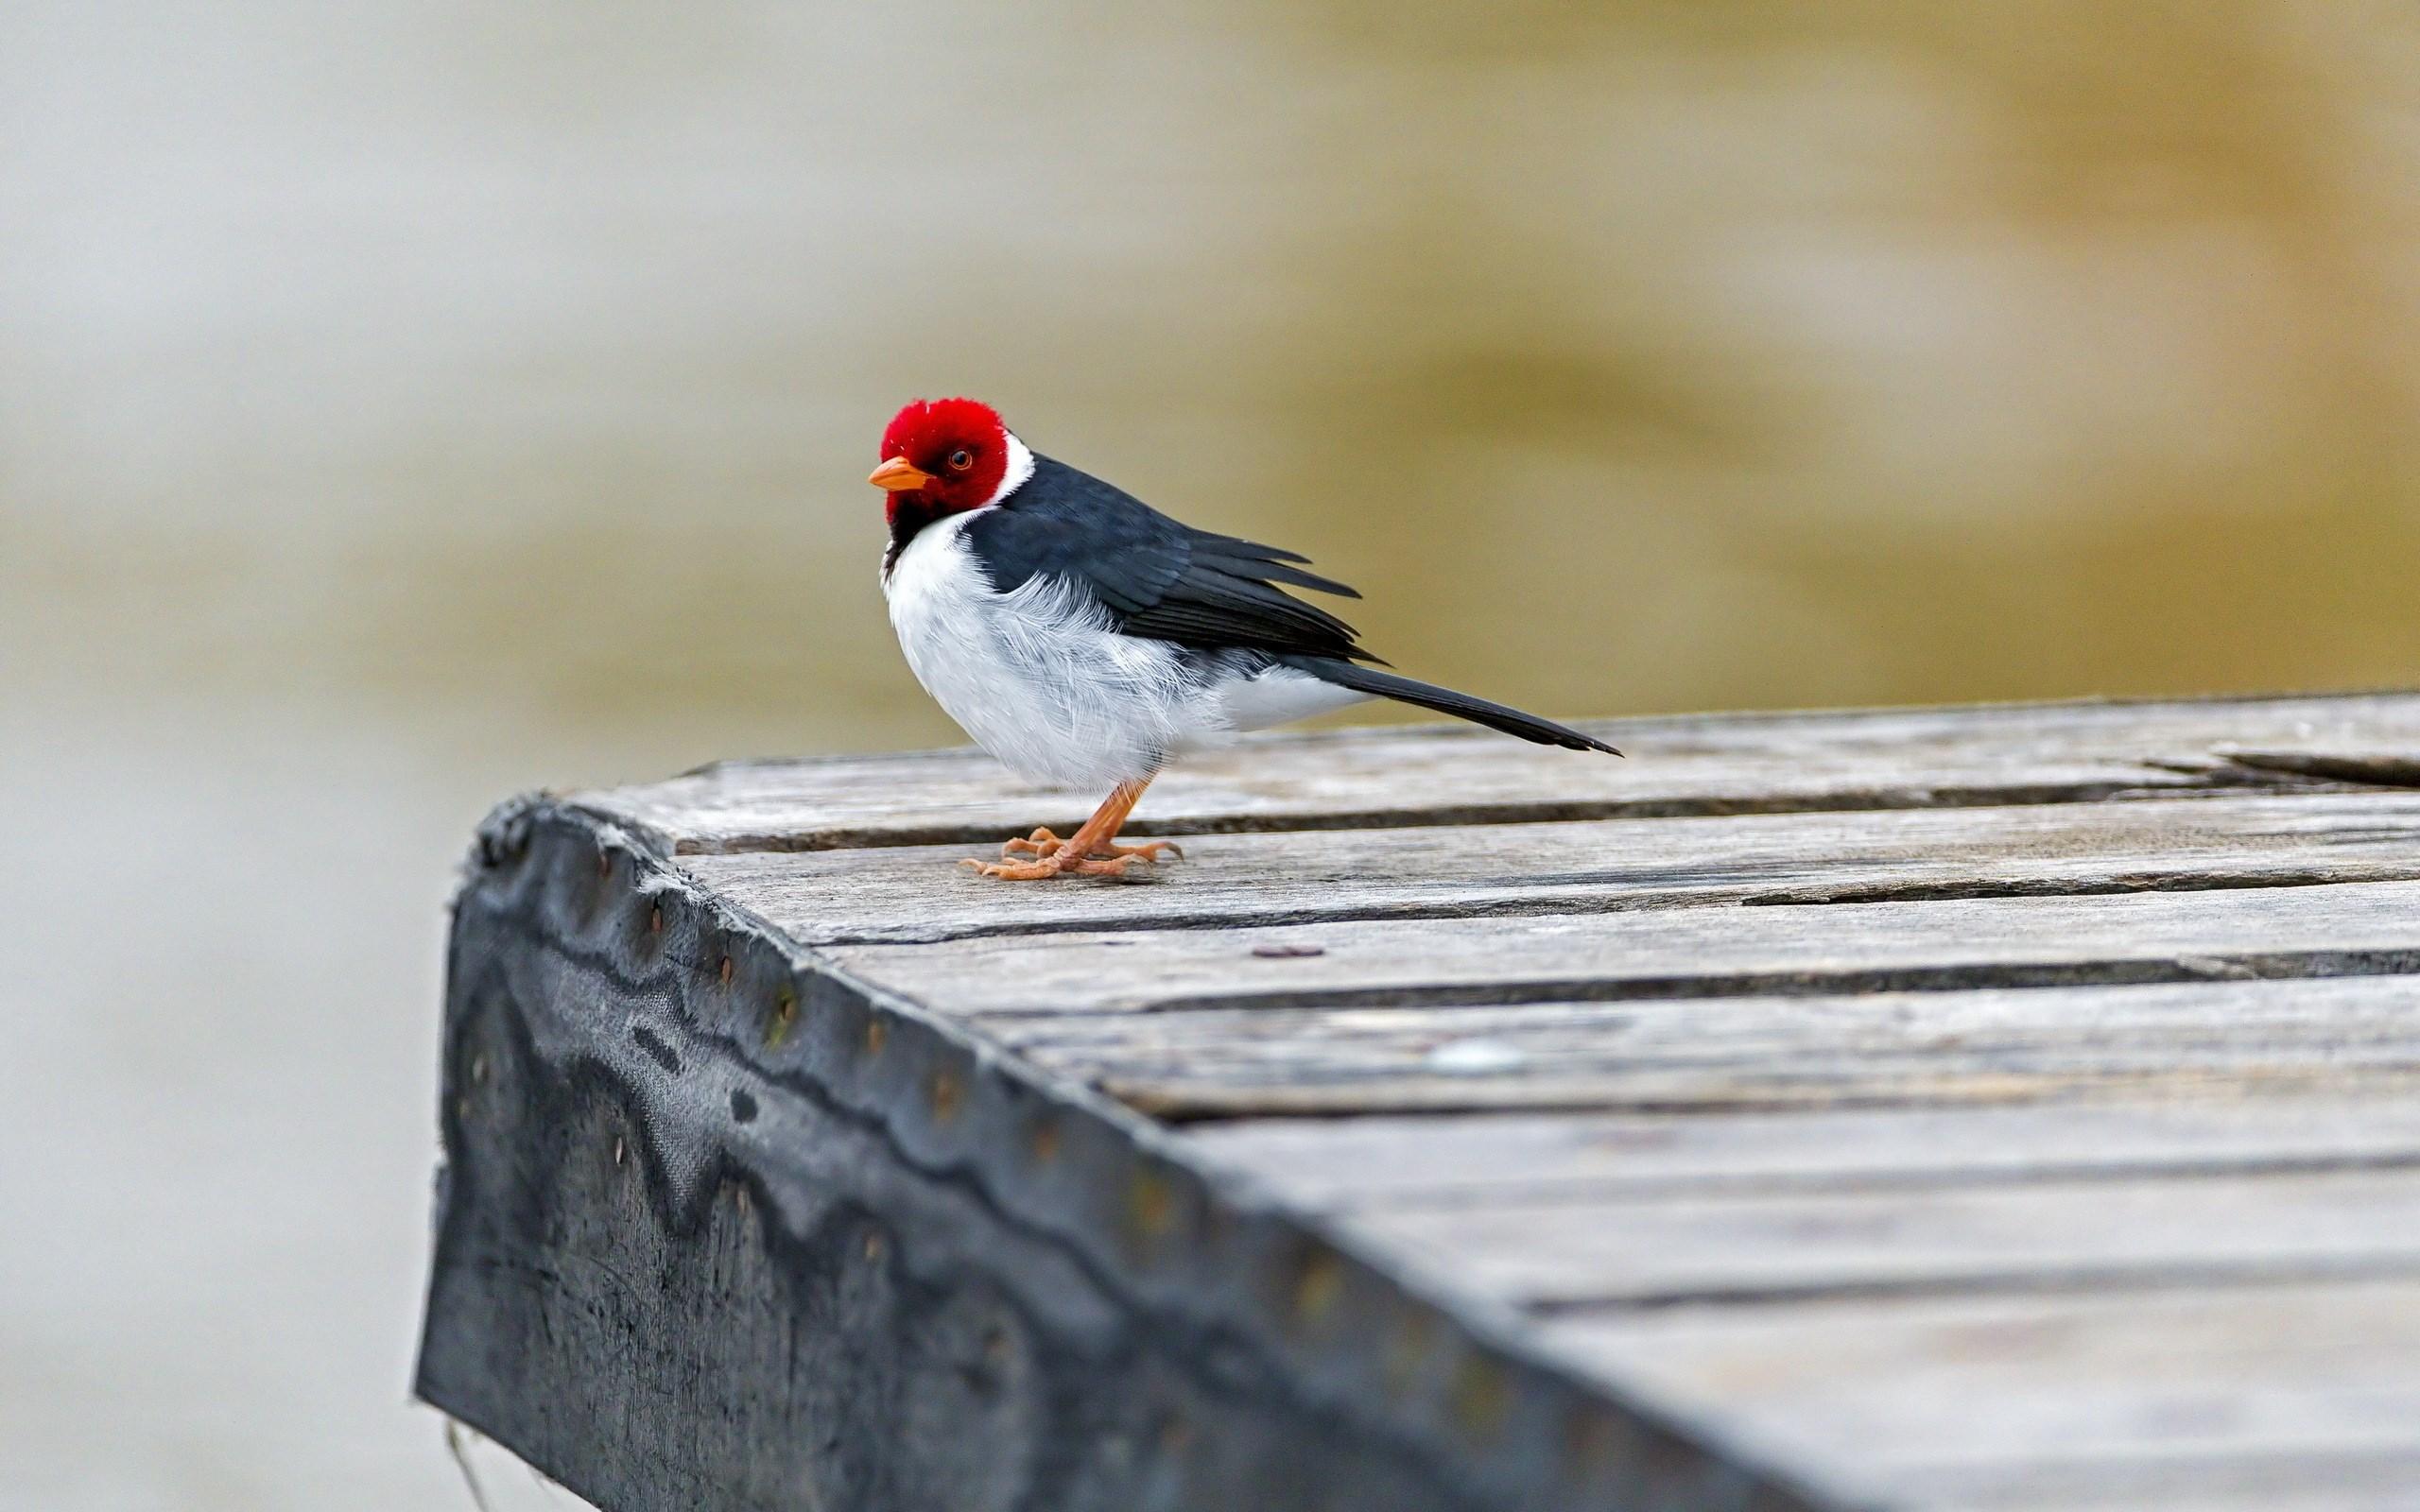 Red-capped Cardinal Bird